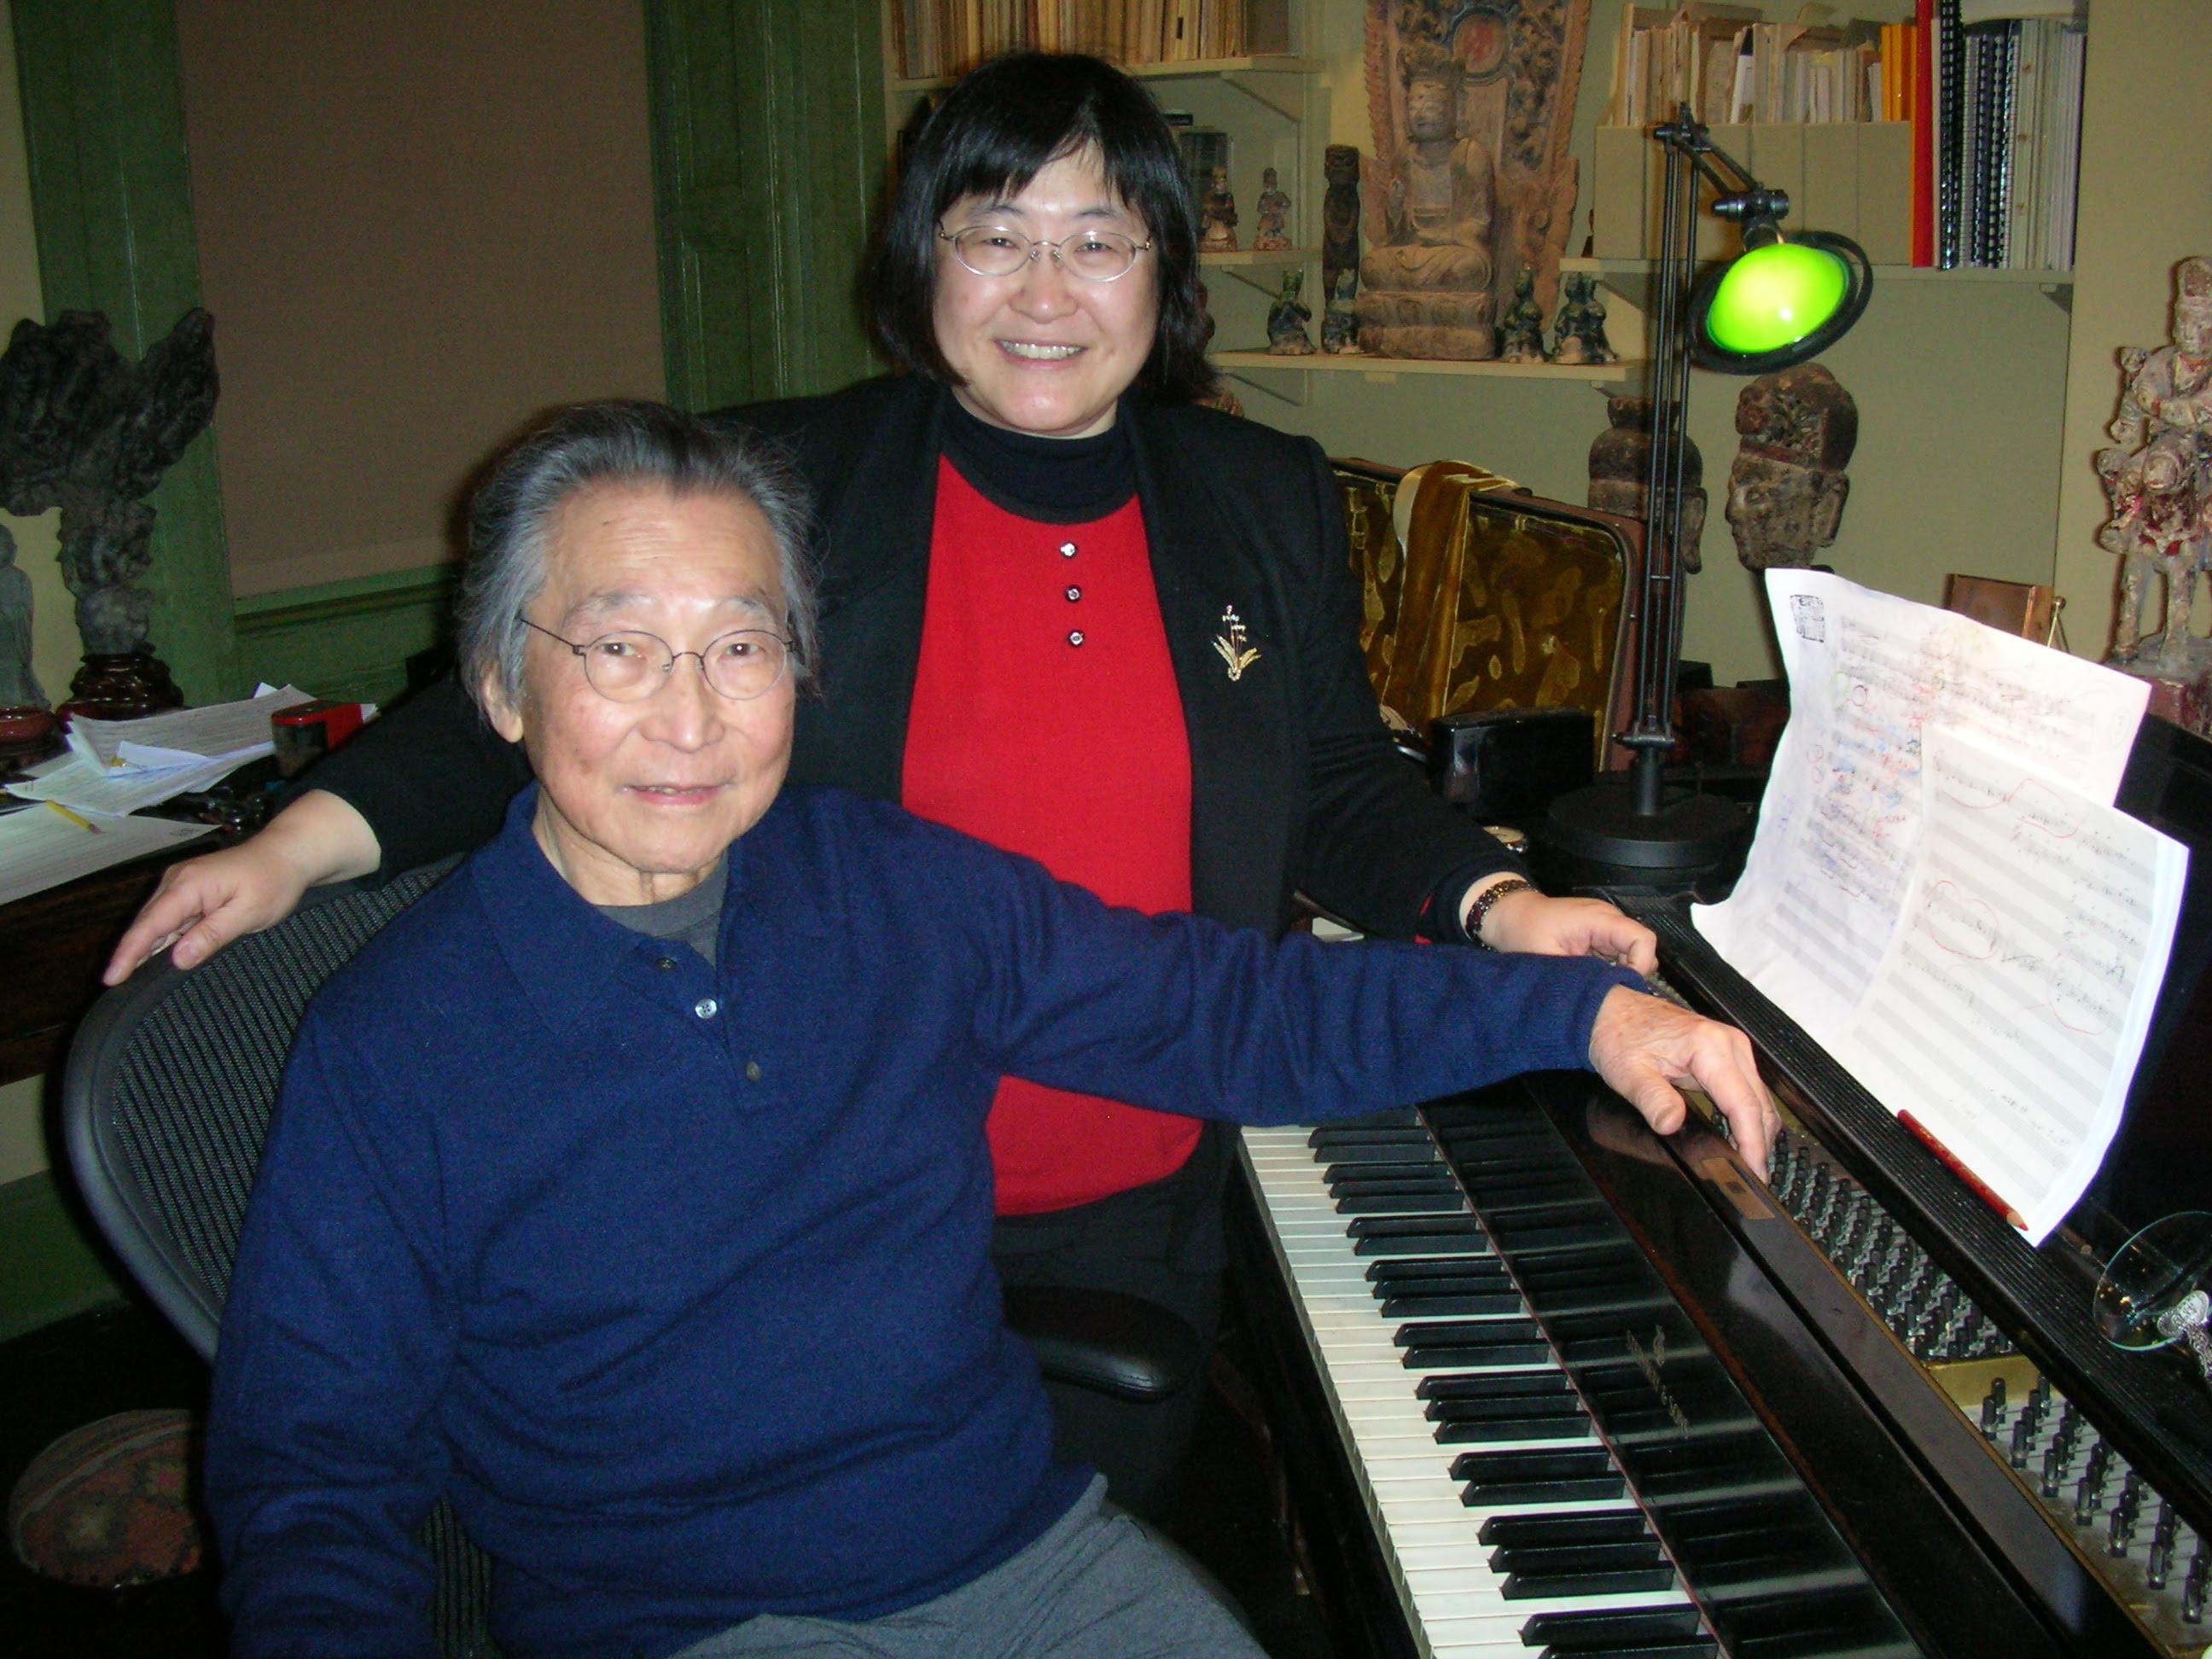 Chen Yi with Chou Wen-chung at the piano.